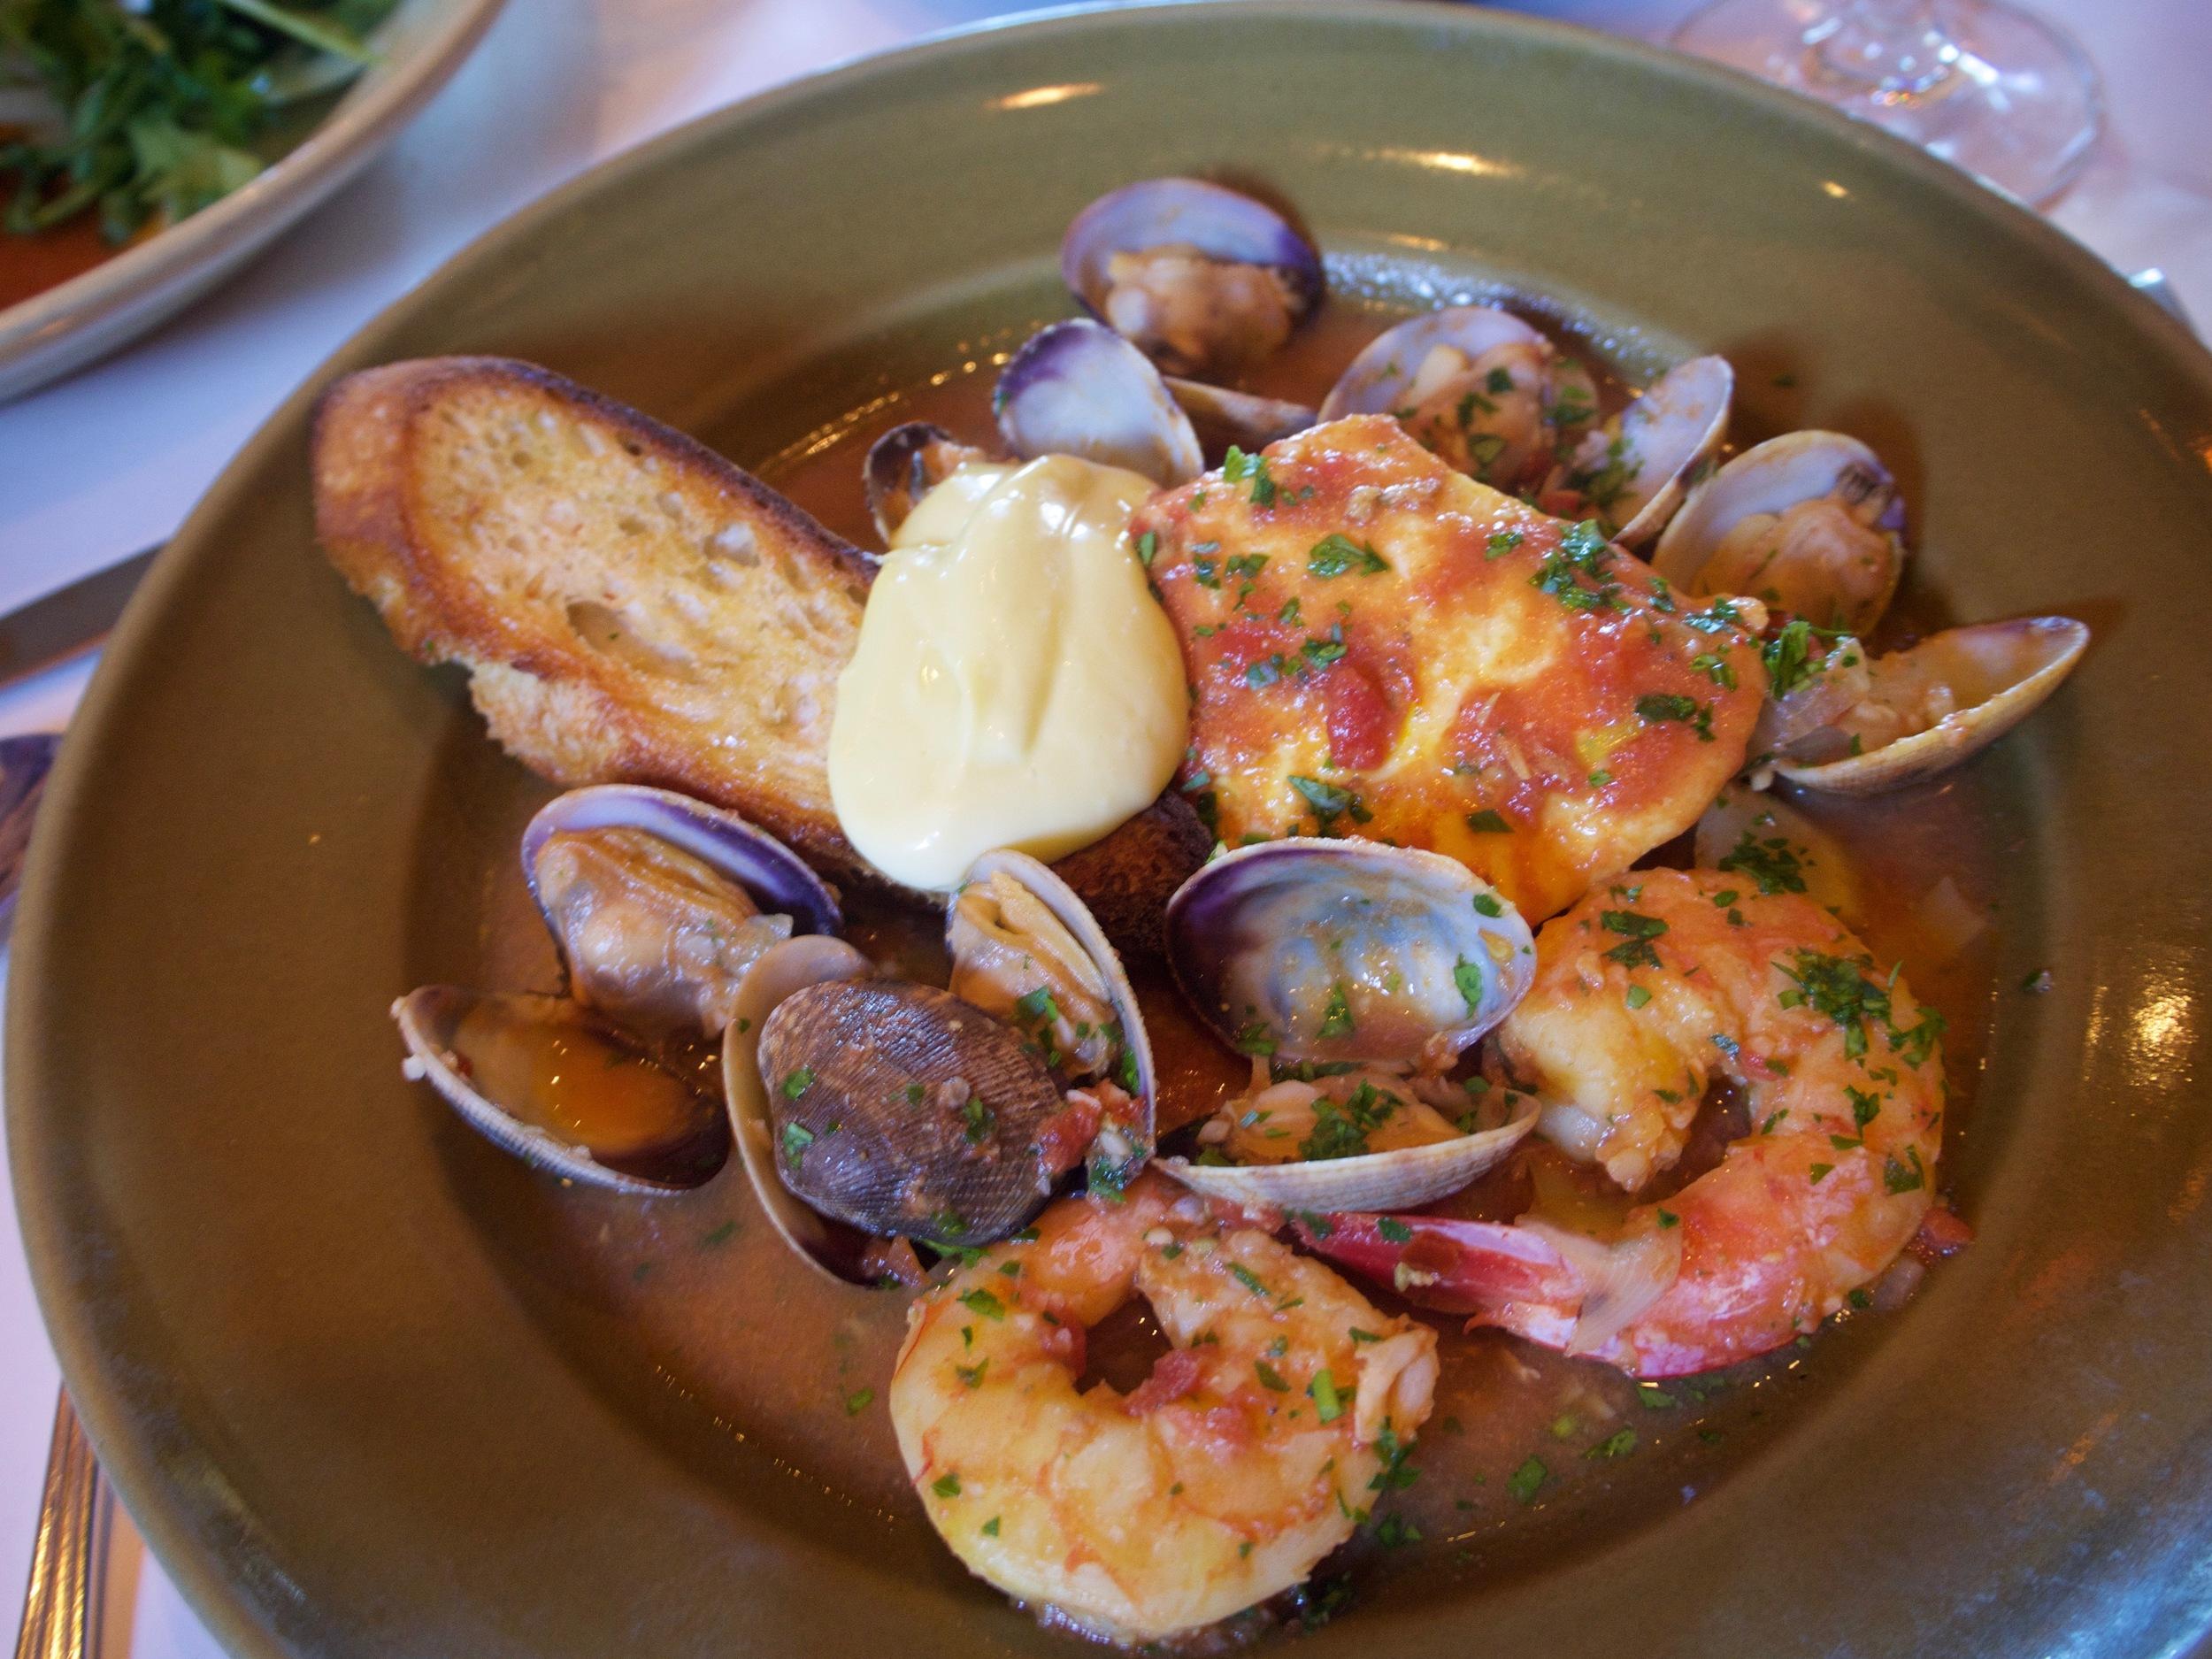 Provençal-style seafood